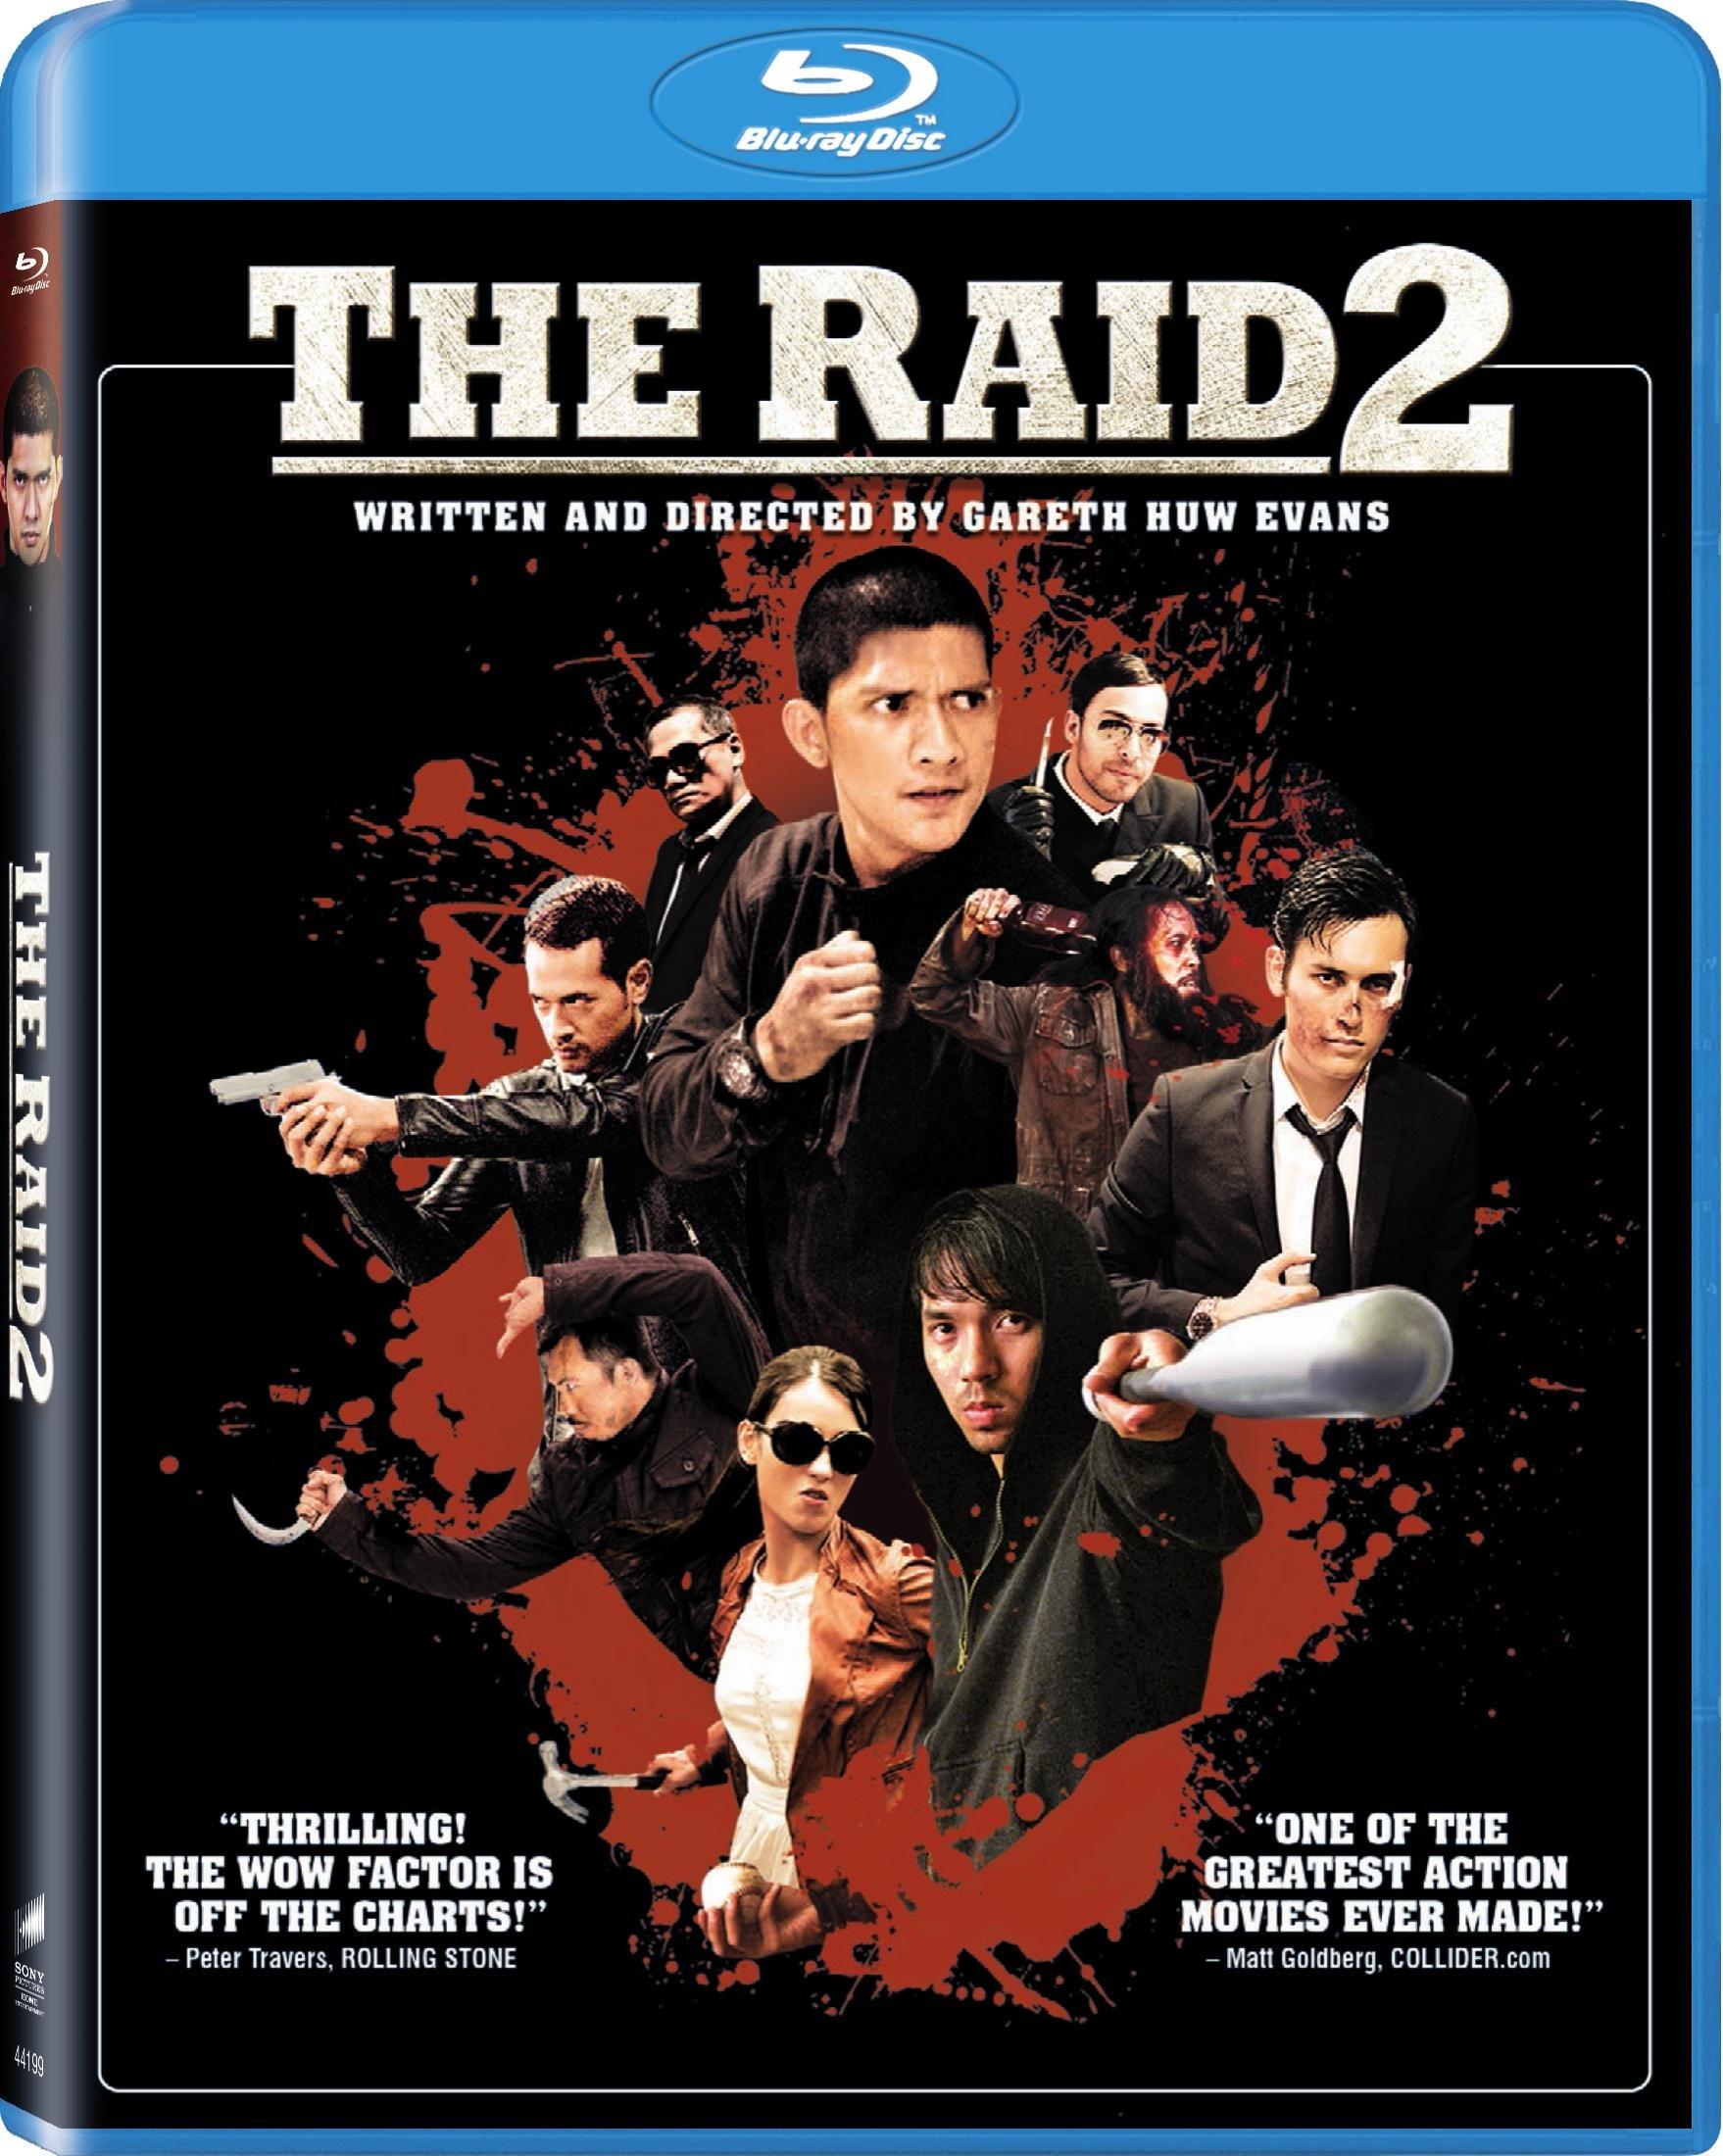 The Raid 2 Blu-ray Review